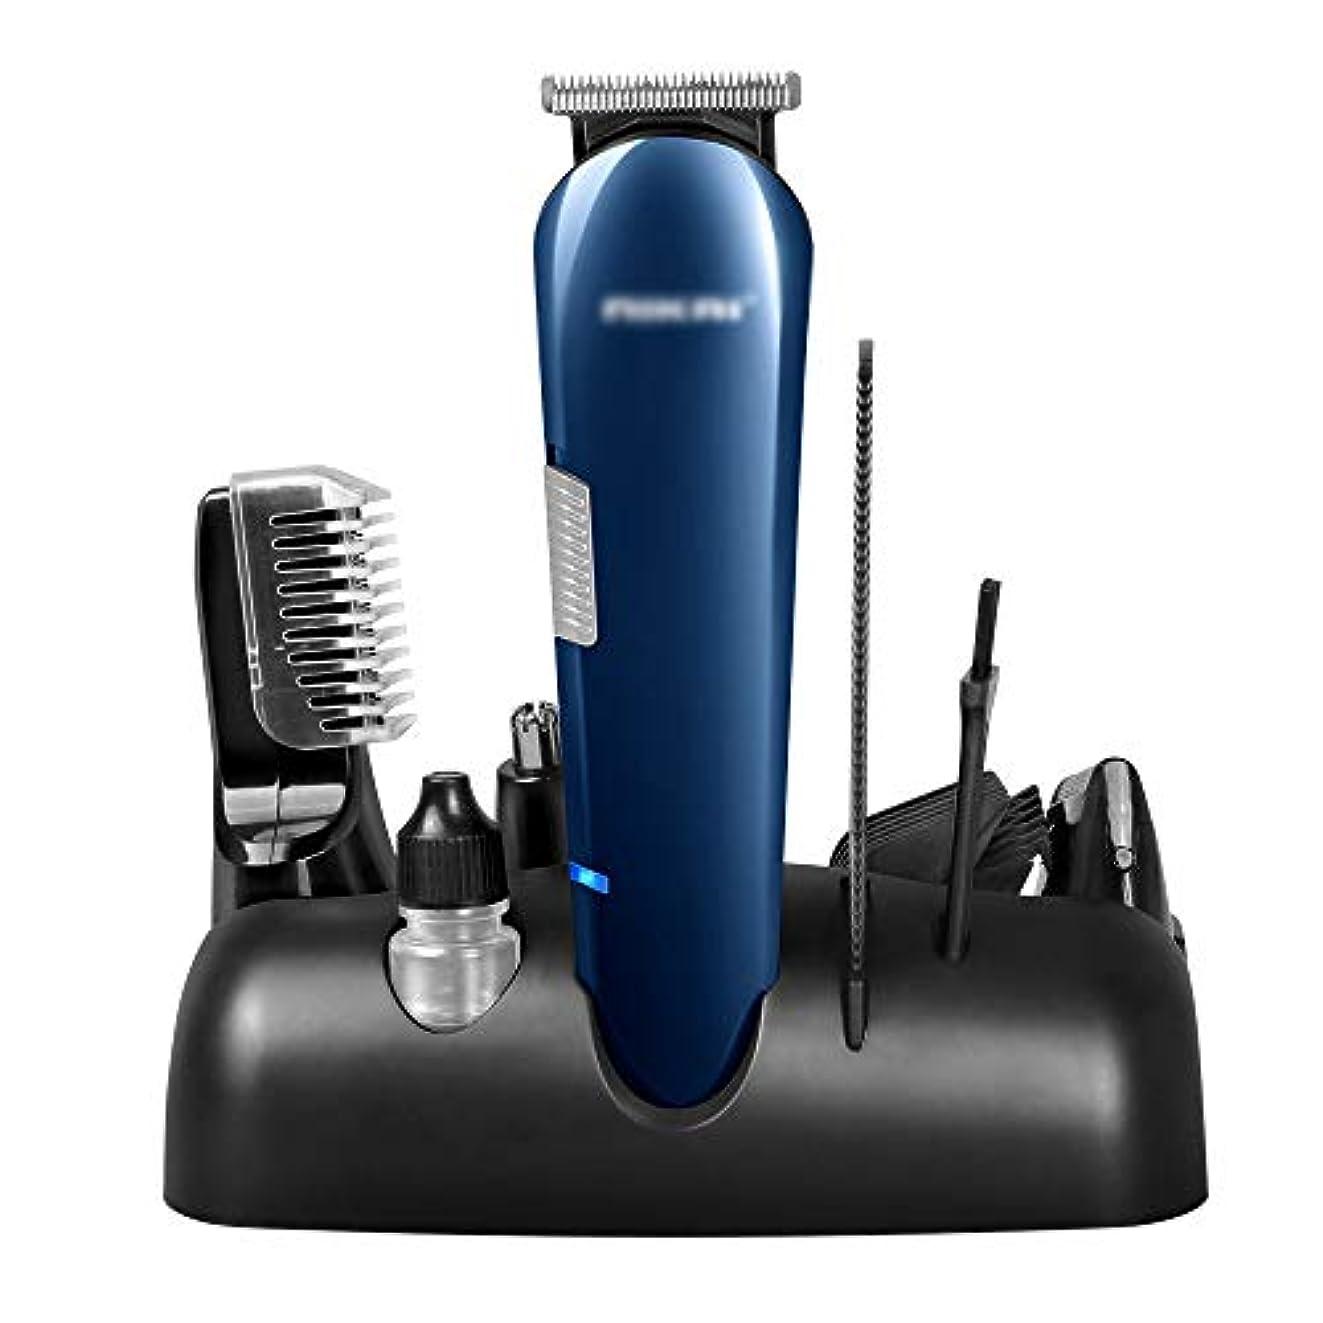 電化するガードペンWAKABAFK 1つの多機能バリカンのヘアカッターのヘアトリマーの毛の打抜き機に付き6つ